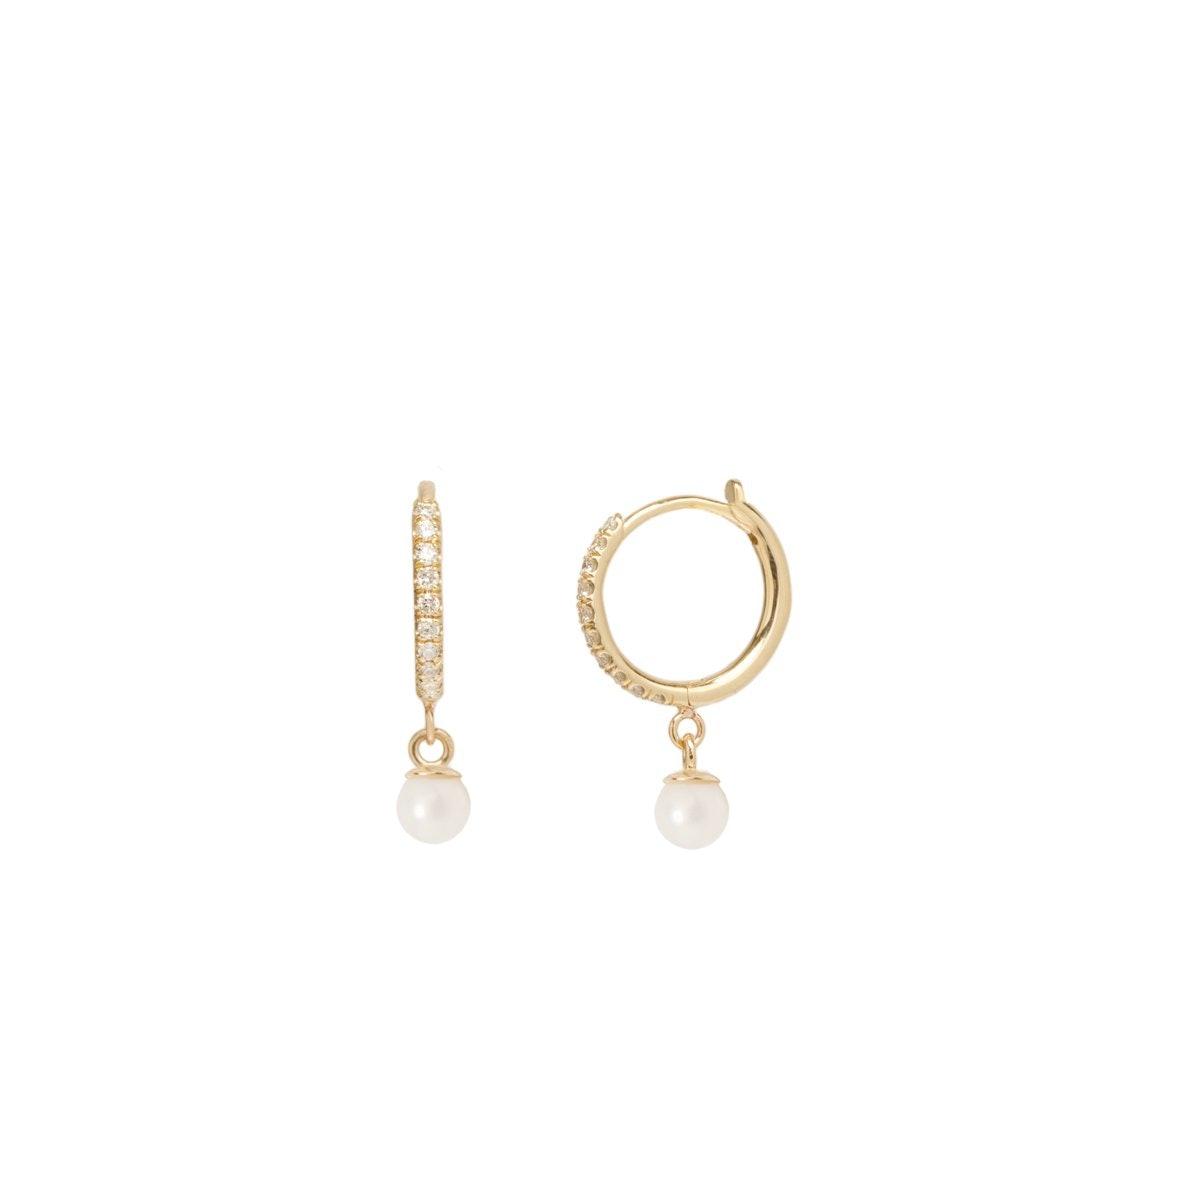 14K Dangling Pearl Pave Diamond Huggie Hoops